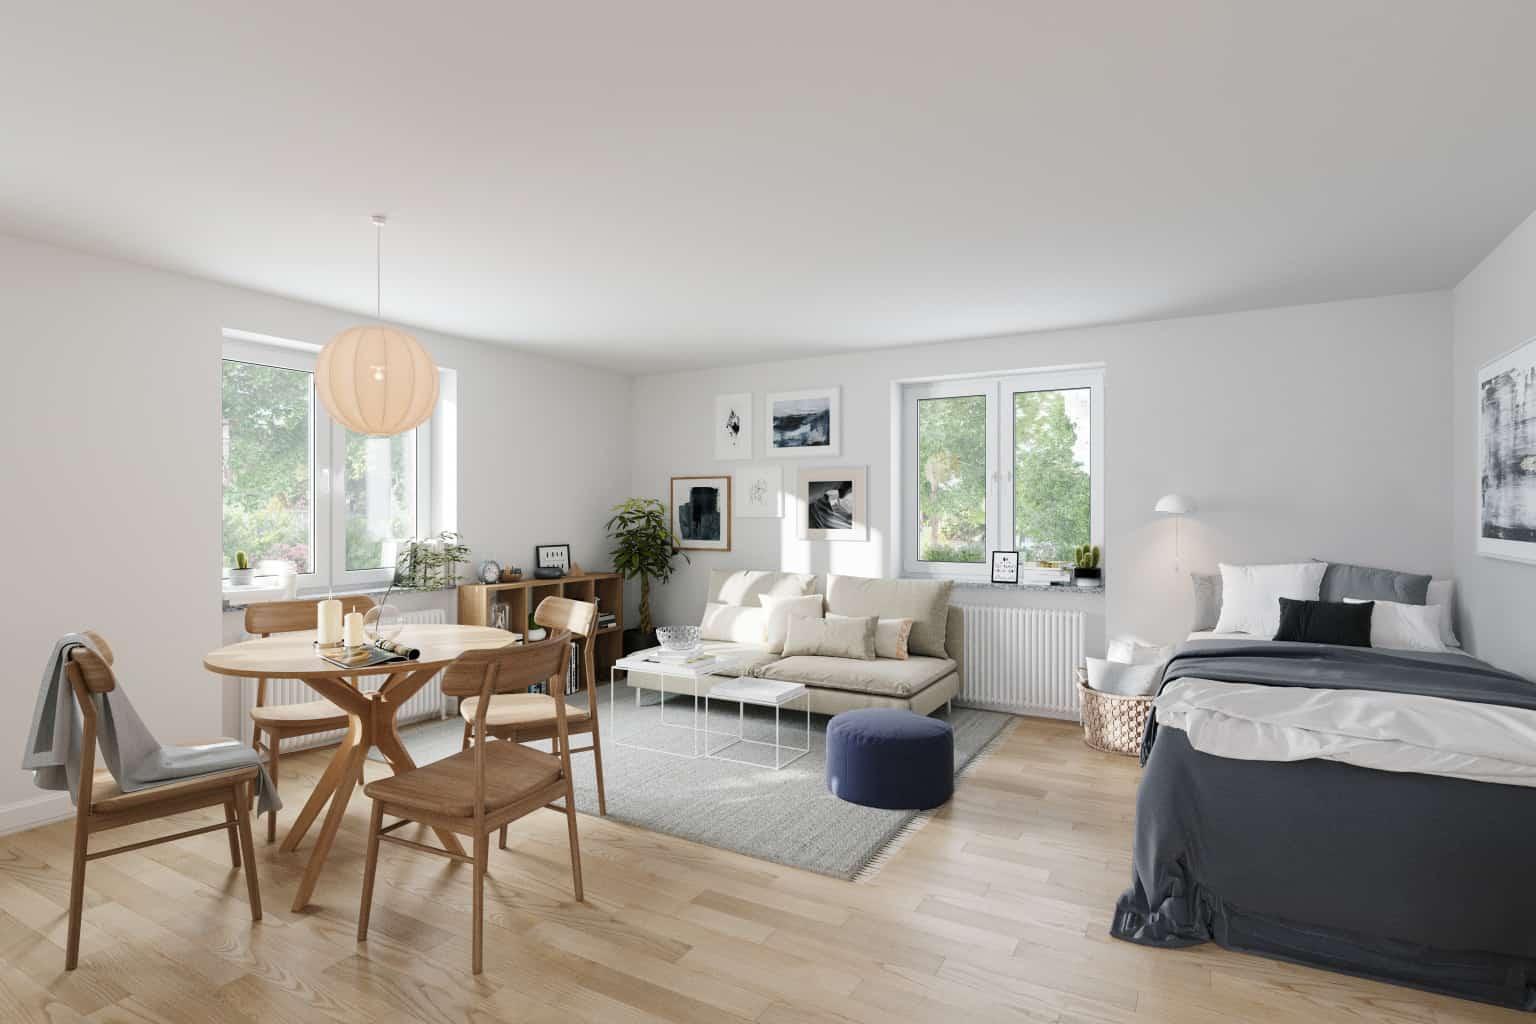 Interiörbild av en möblerad ett rum och kök.